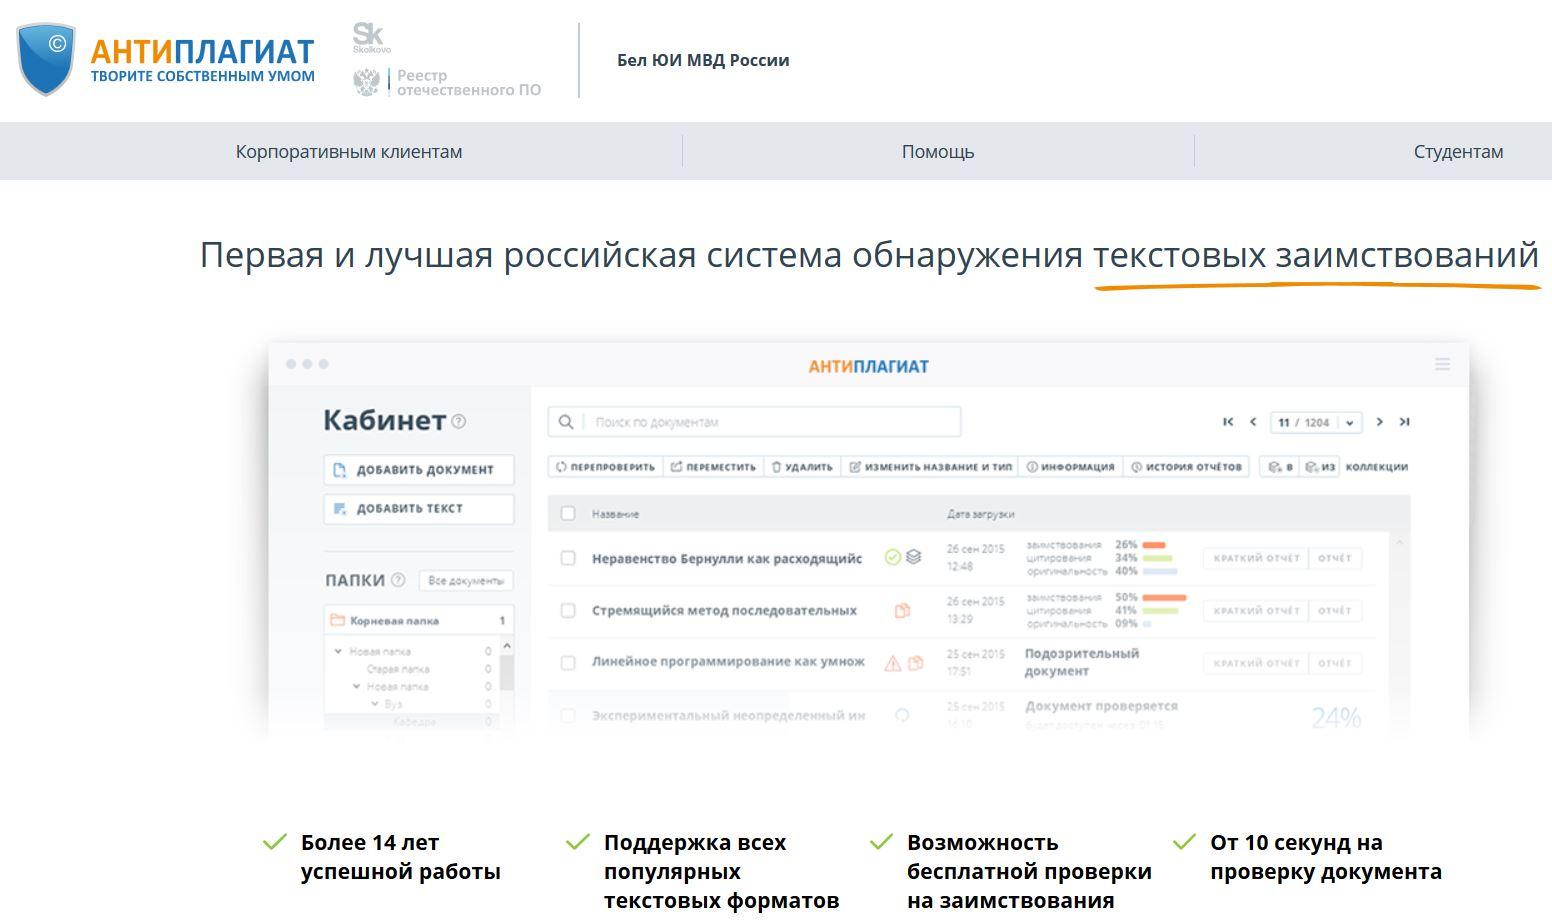 Антиплагиат БелЮИ МВД